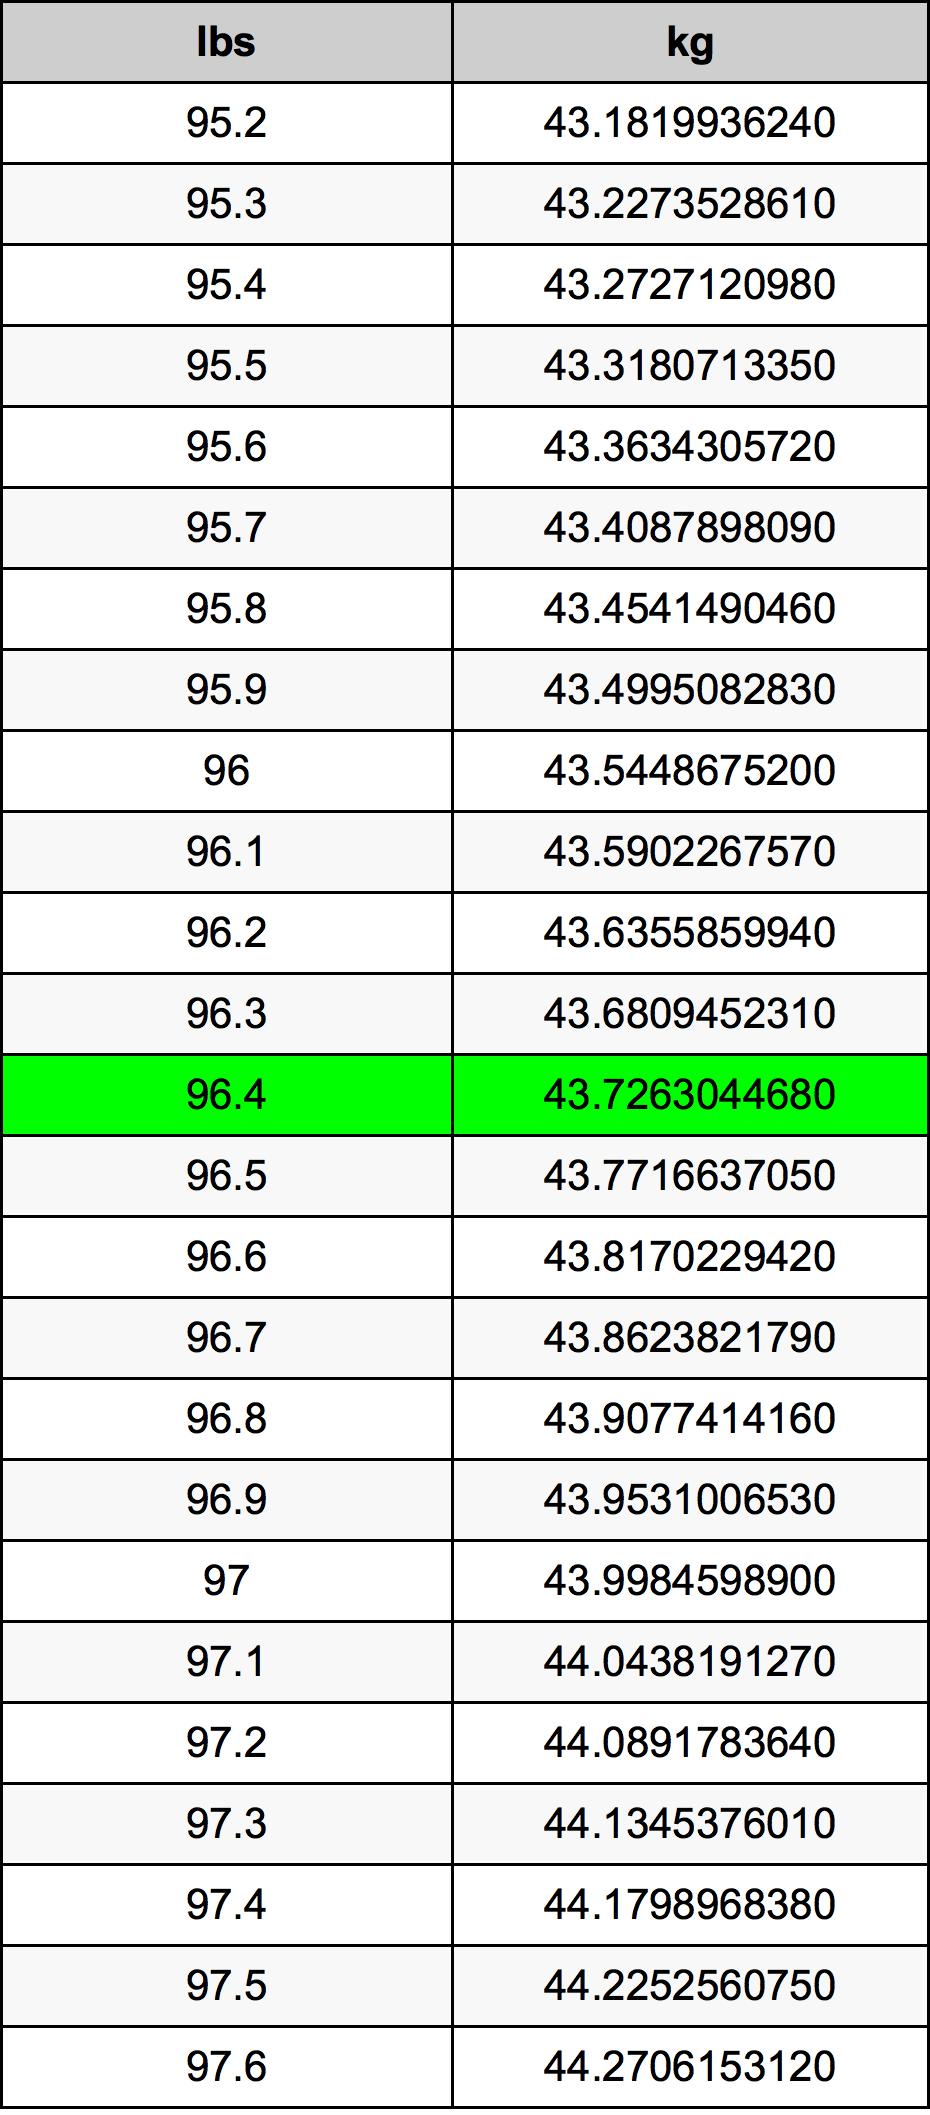 96.4 رطل جدول تحويل